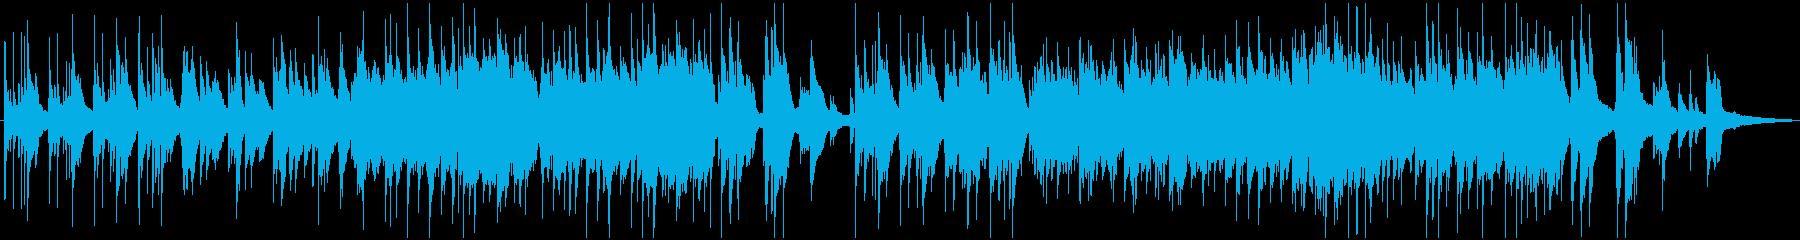 ハープとピアノの静かで神秘的な曲の再生済みの波形